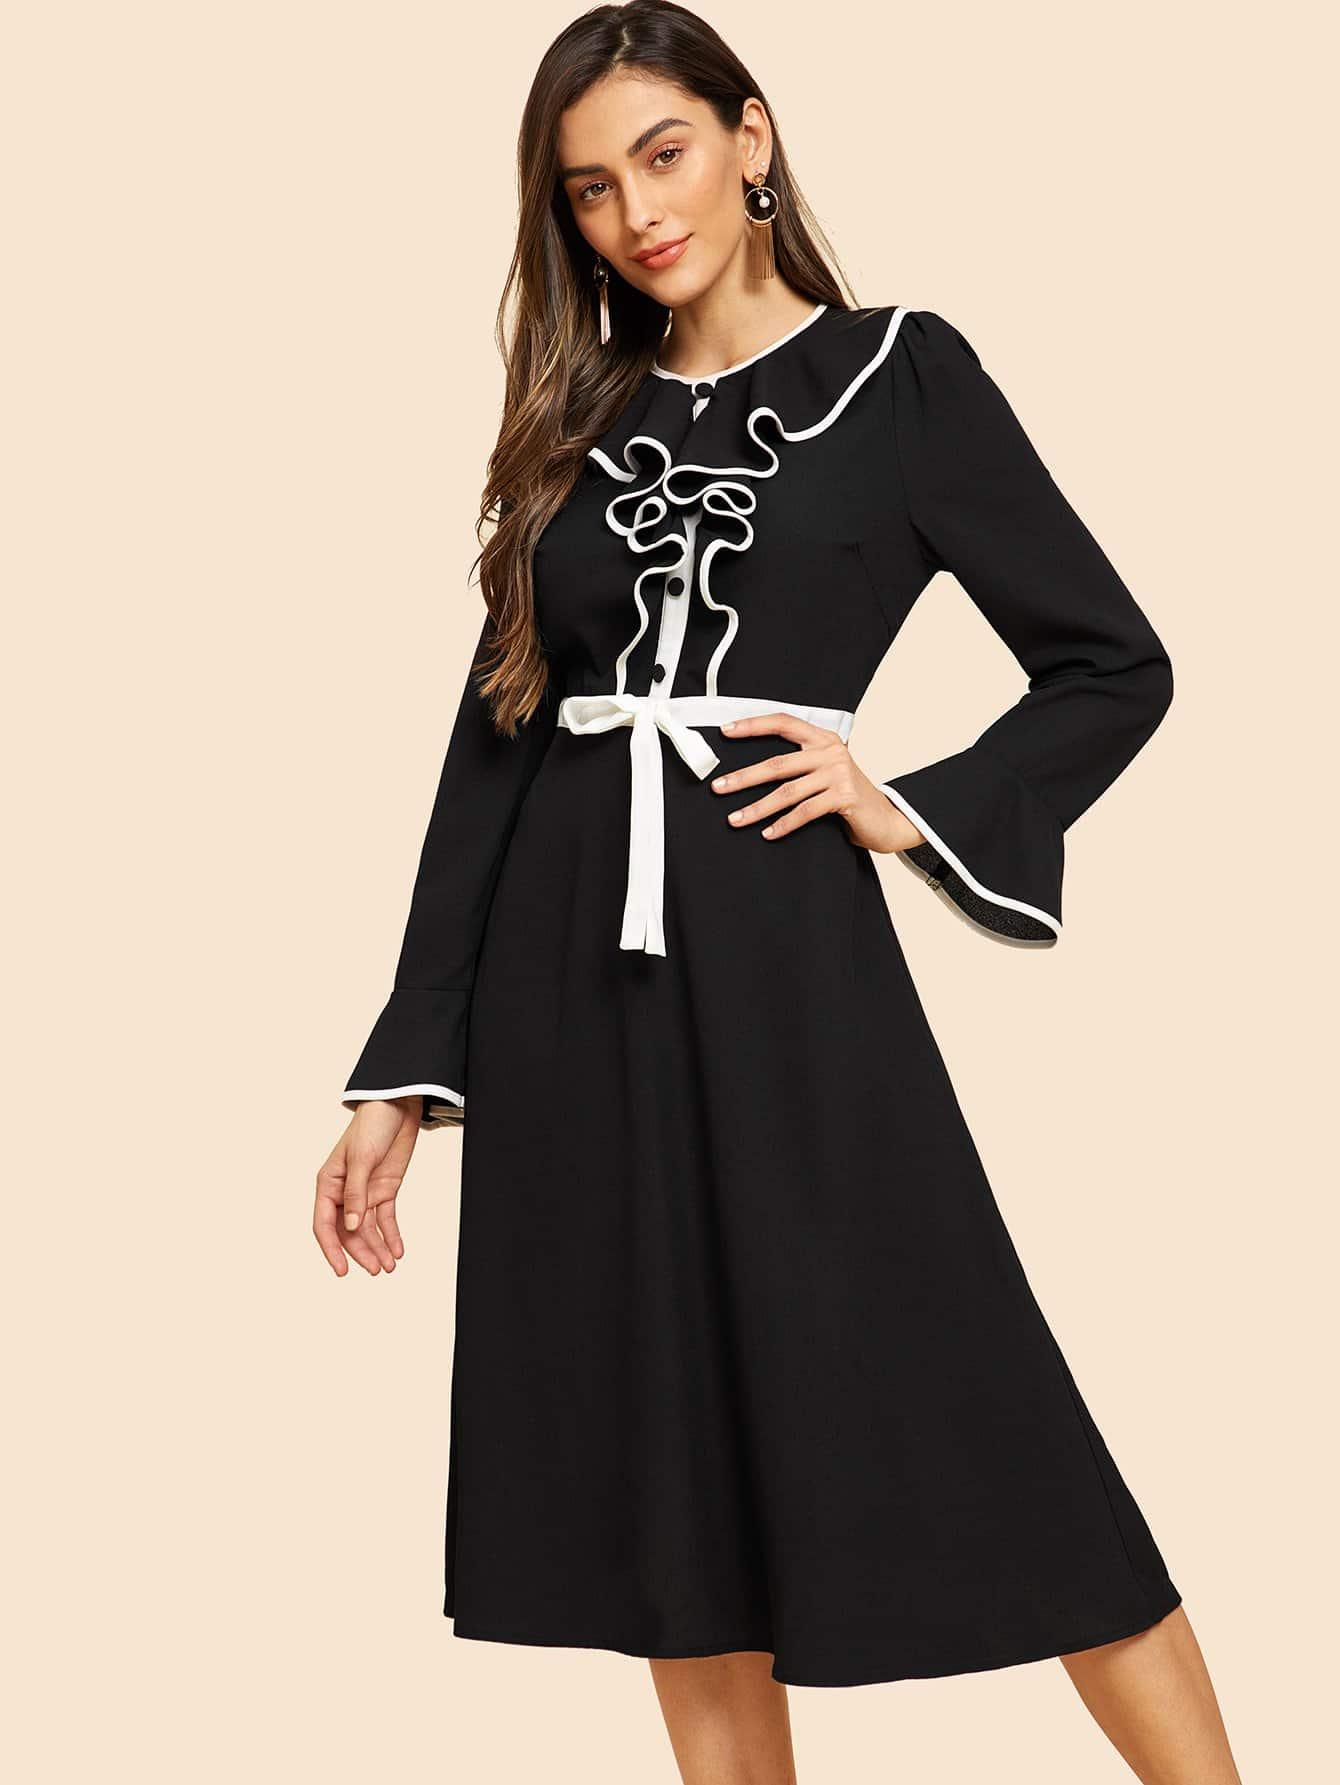 Фото - Рубашку-платье на молнии сзади с оборками от SheIn цвет чёрные